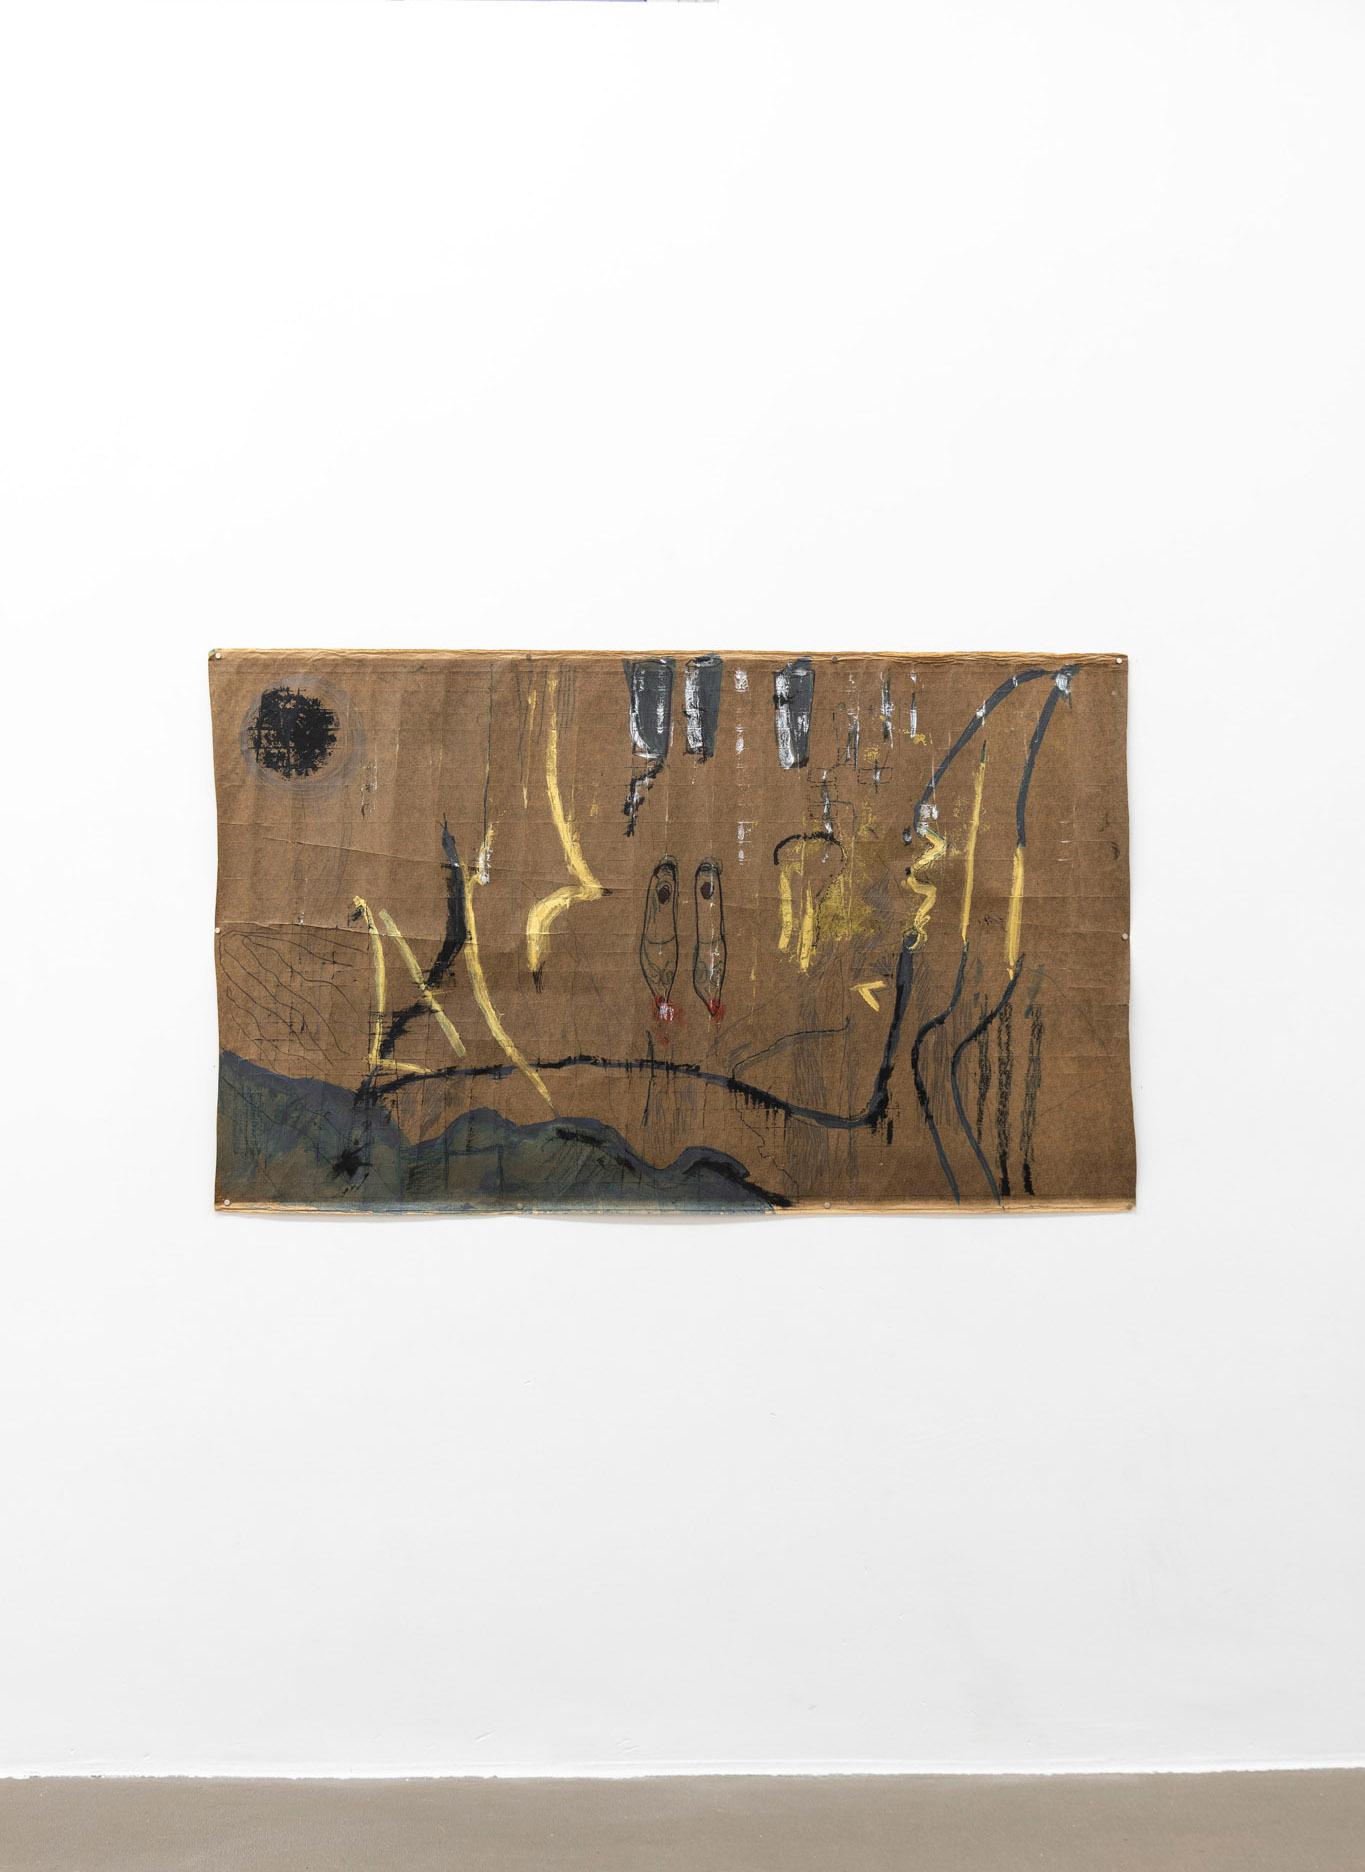 Danza, 2020 Tecnica mista su carta catramata; 187 x 101 cm;  foto: Giorgio Benni.  Courtesy l'artista e Monitor Roma, Lisbona, Pereto